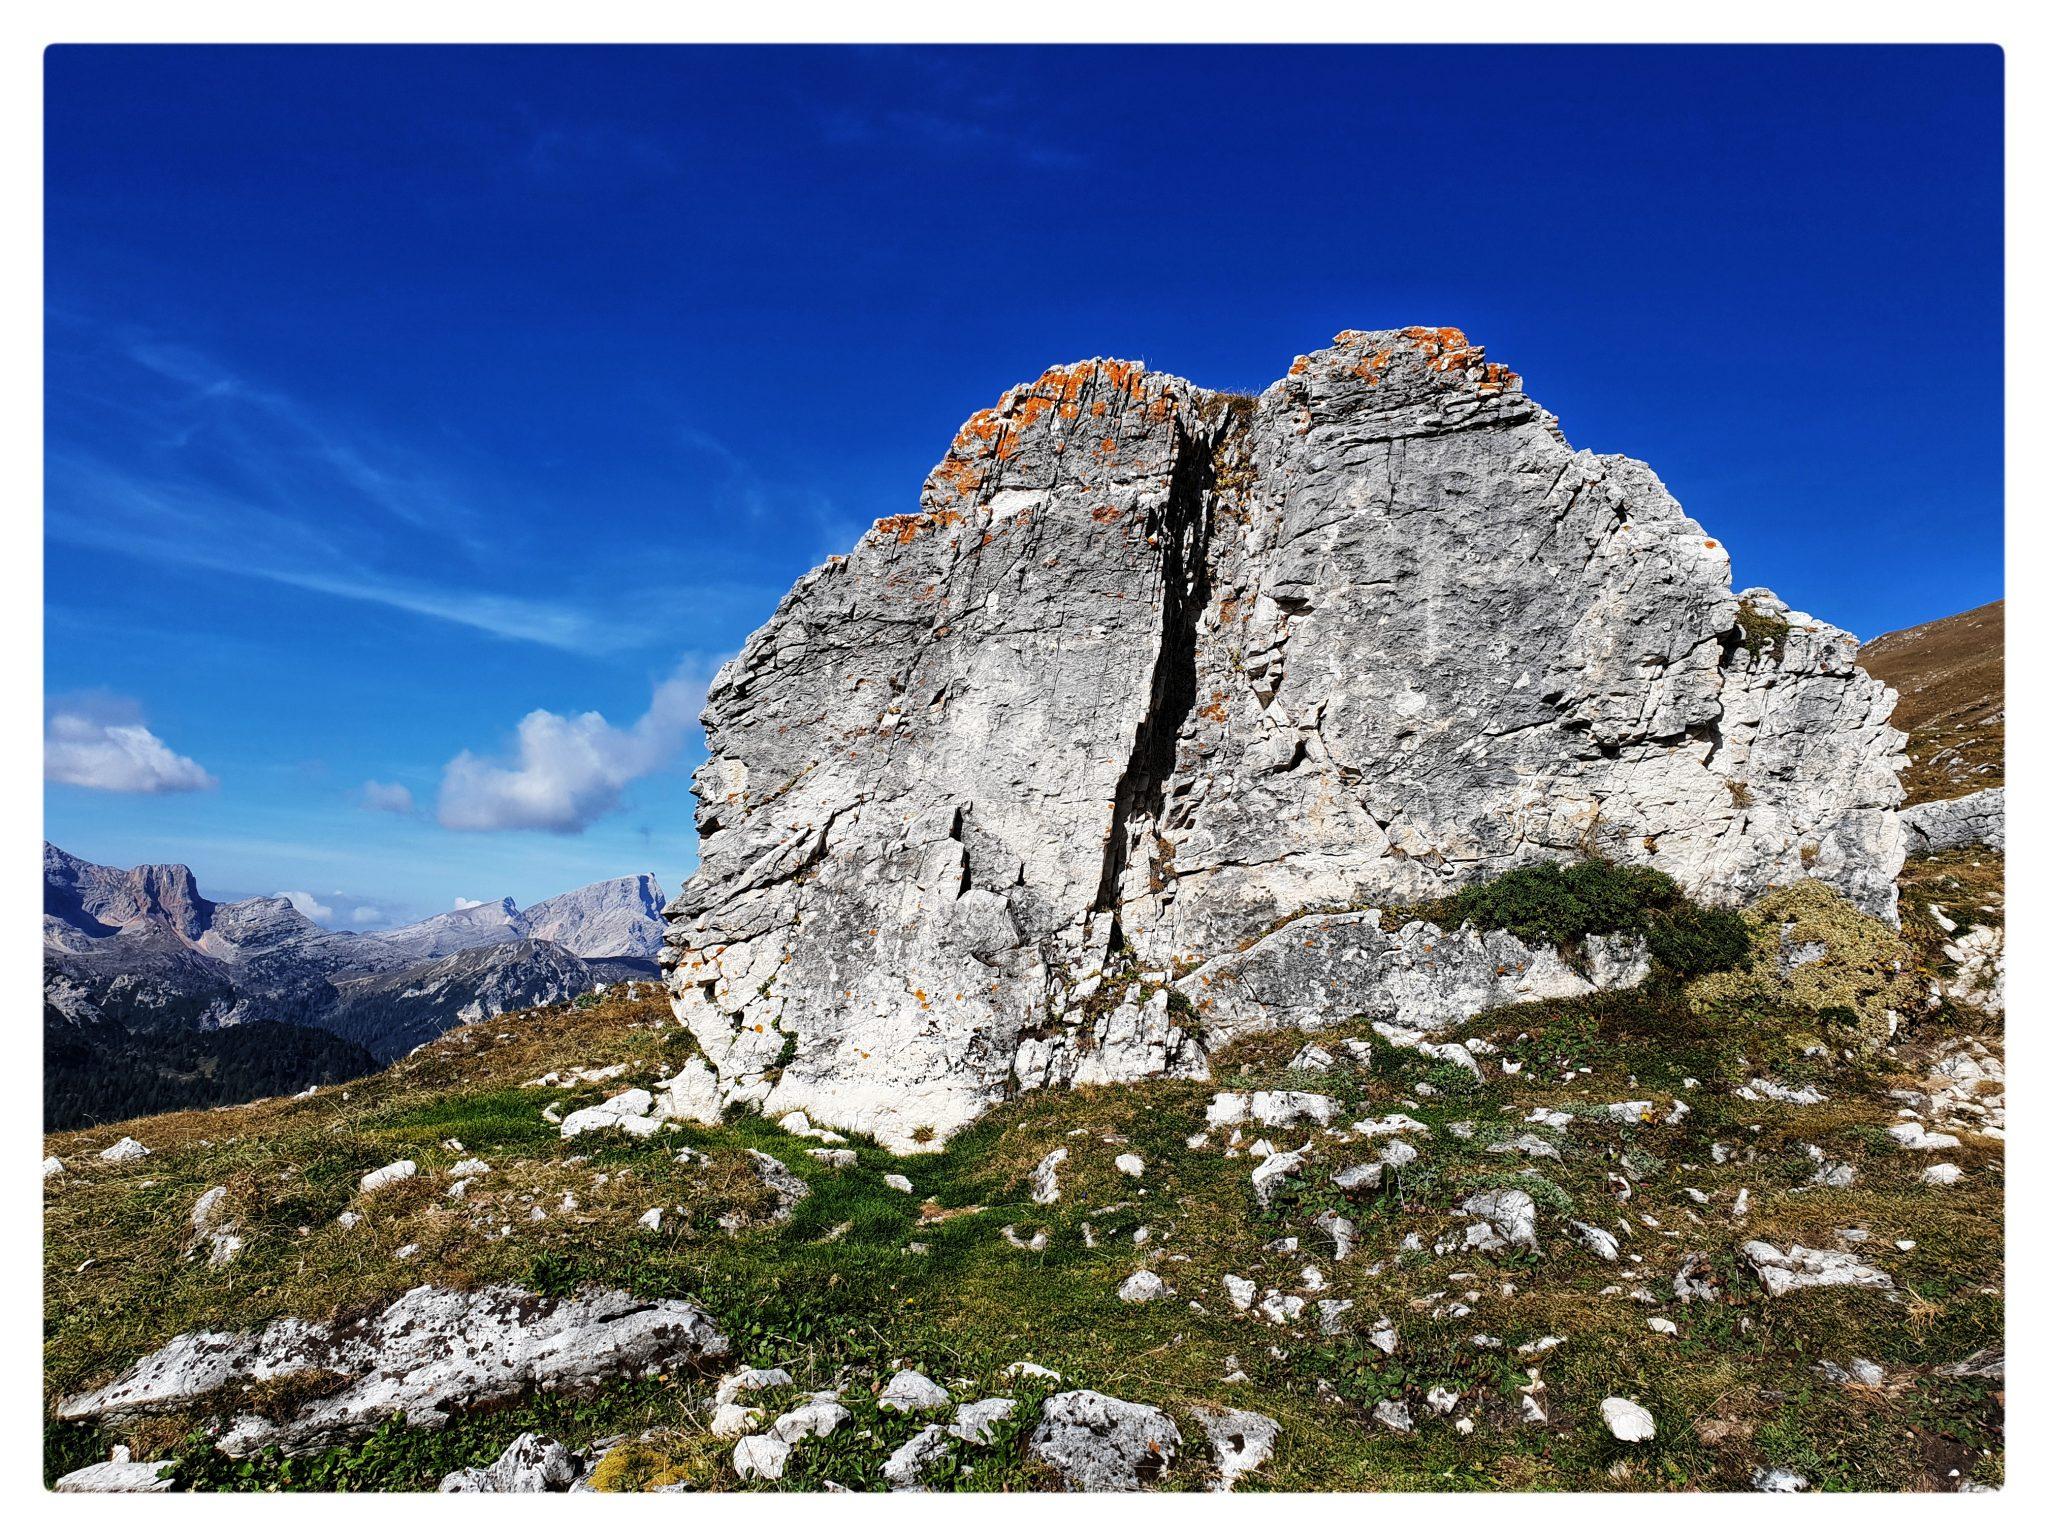 Un masso stupendo è solo la scusa per fermarsi durante la salita al Picco di Vallandro e scattare qualche fotografia.